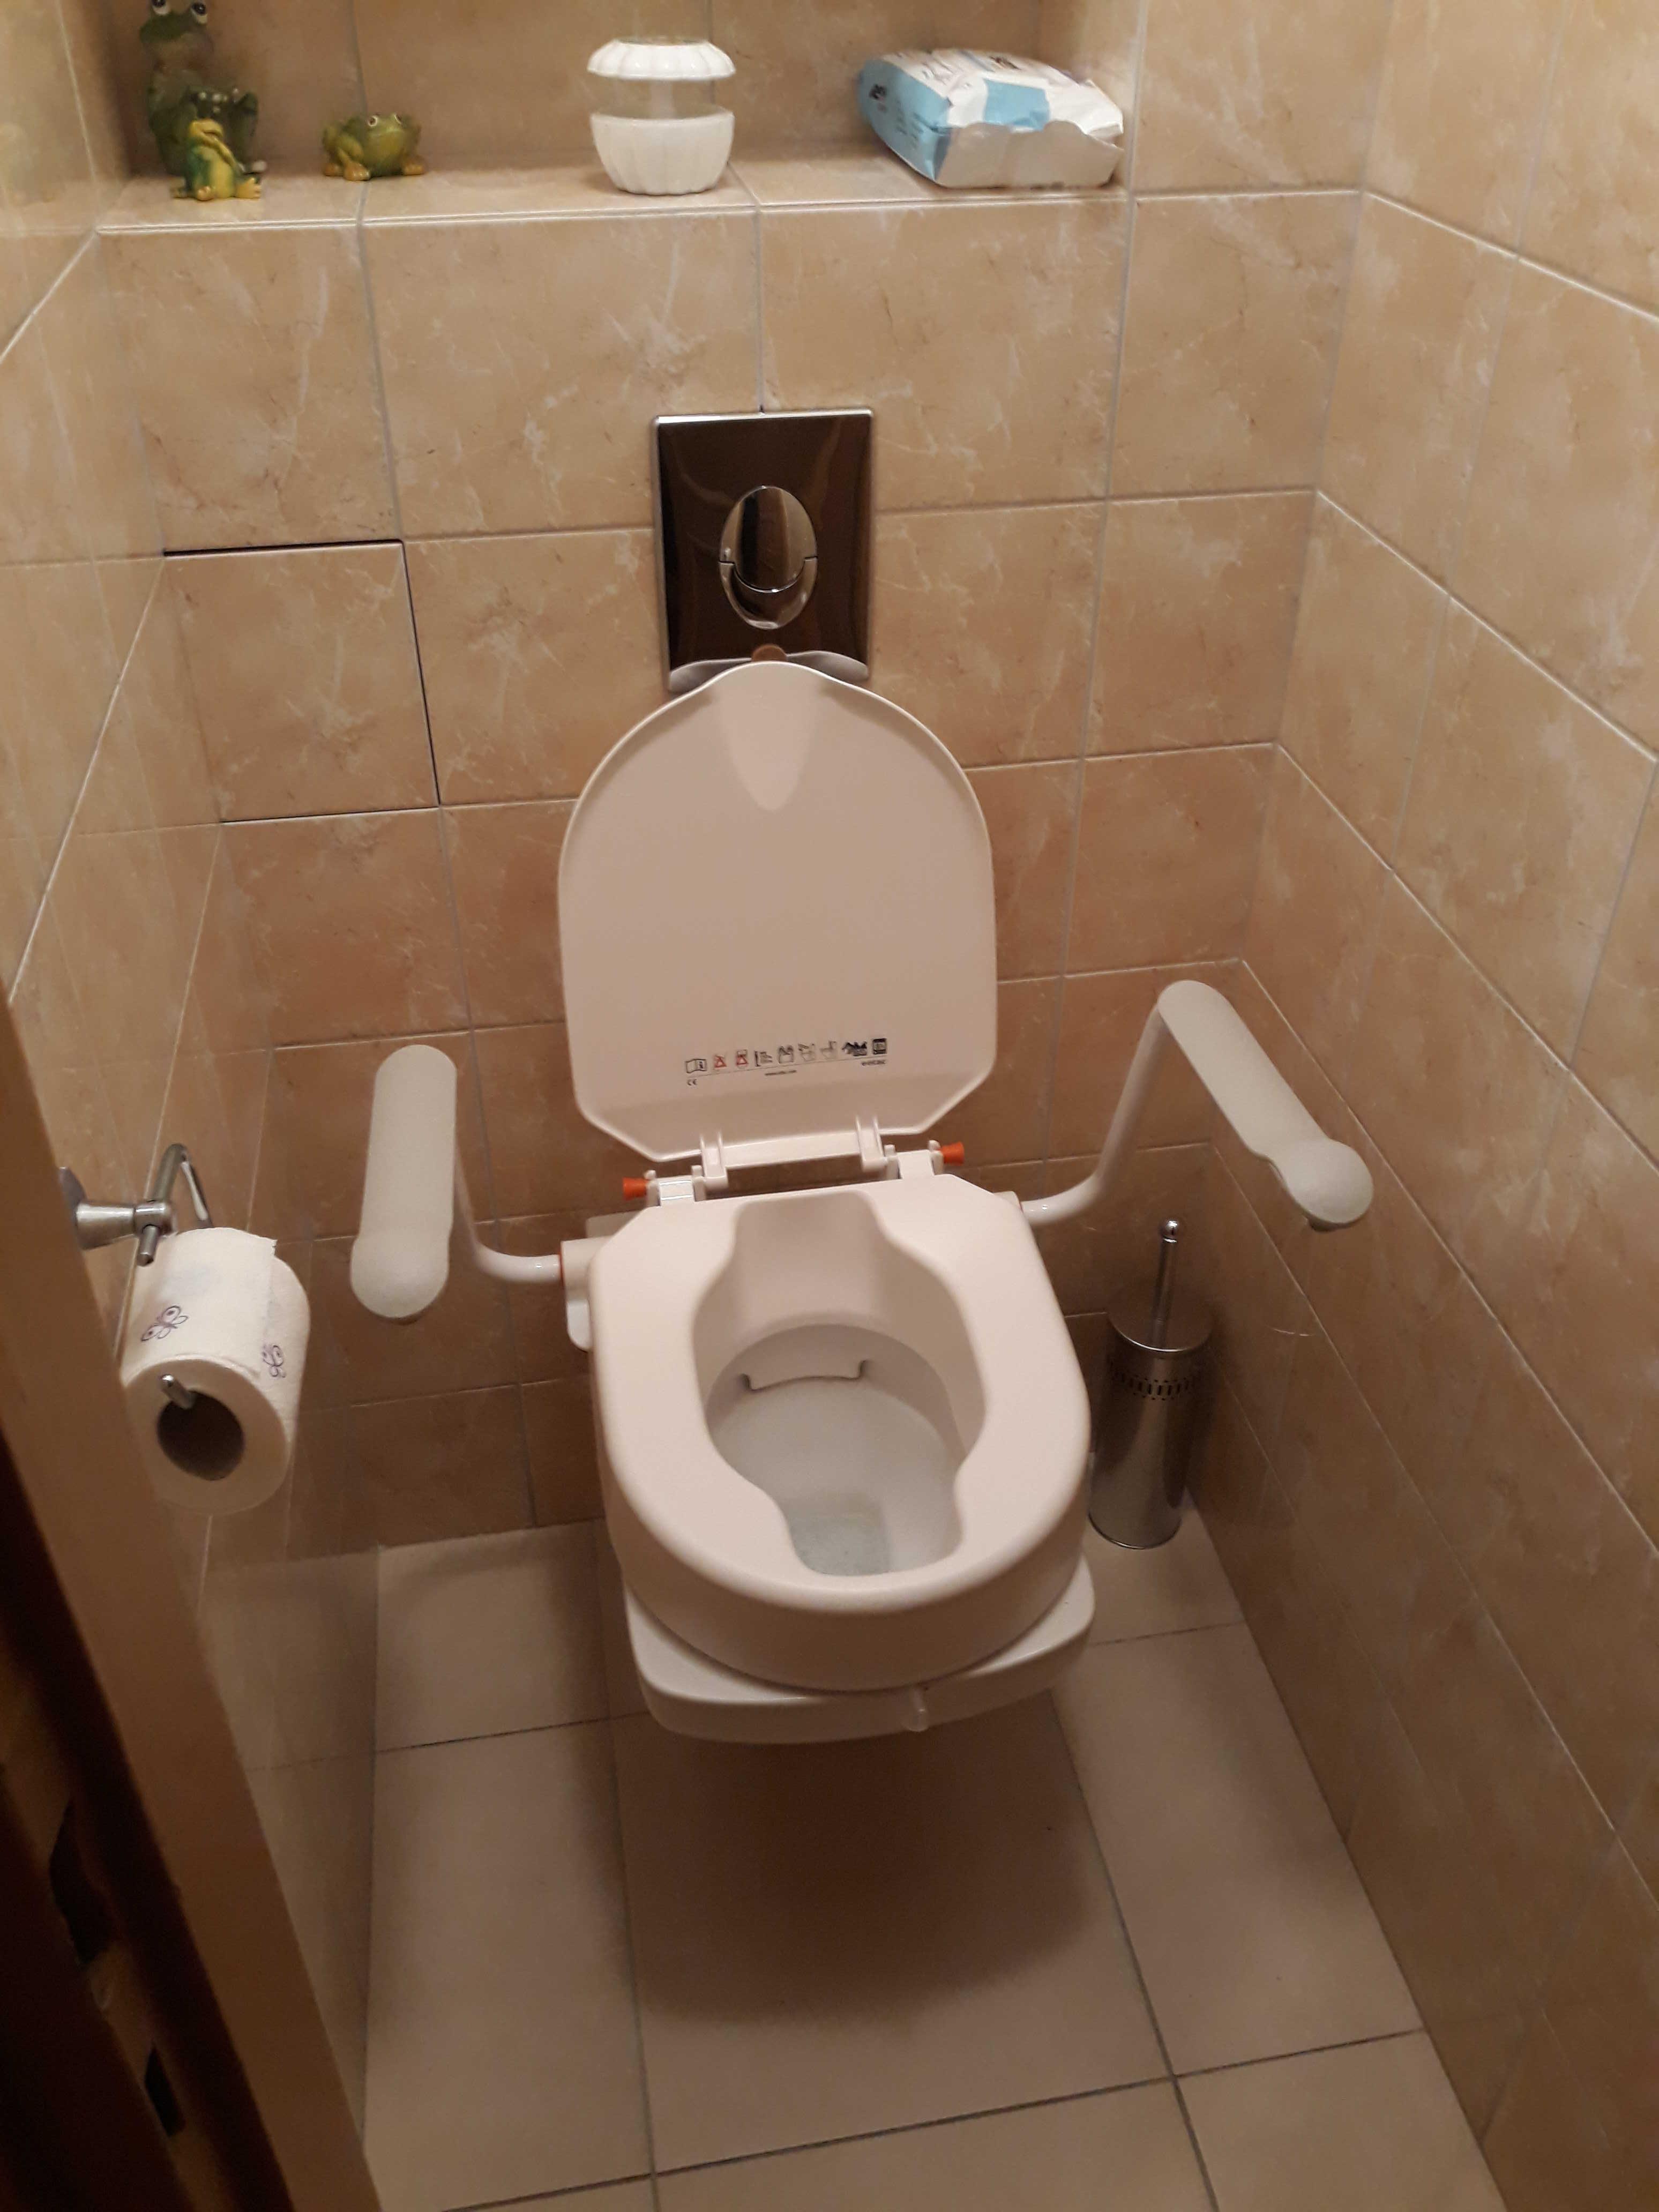 Nakładka Etac Hi-Loo Fixed w toalecie naszej klientki